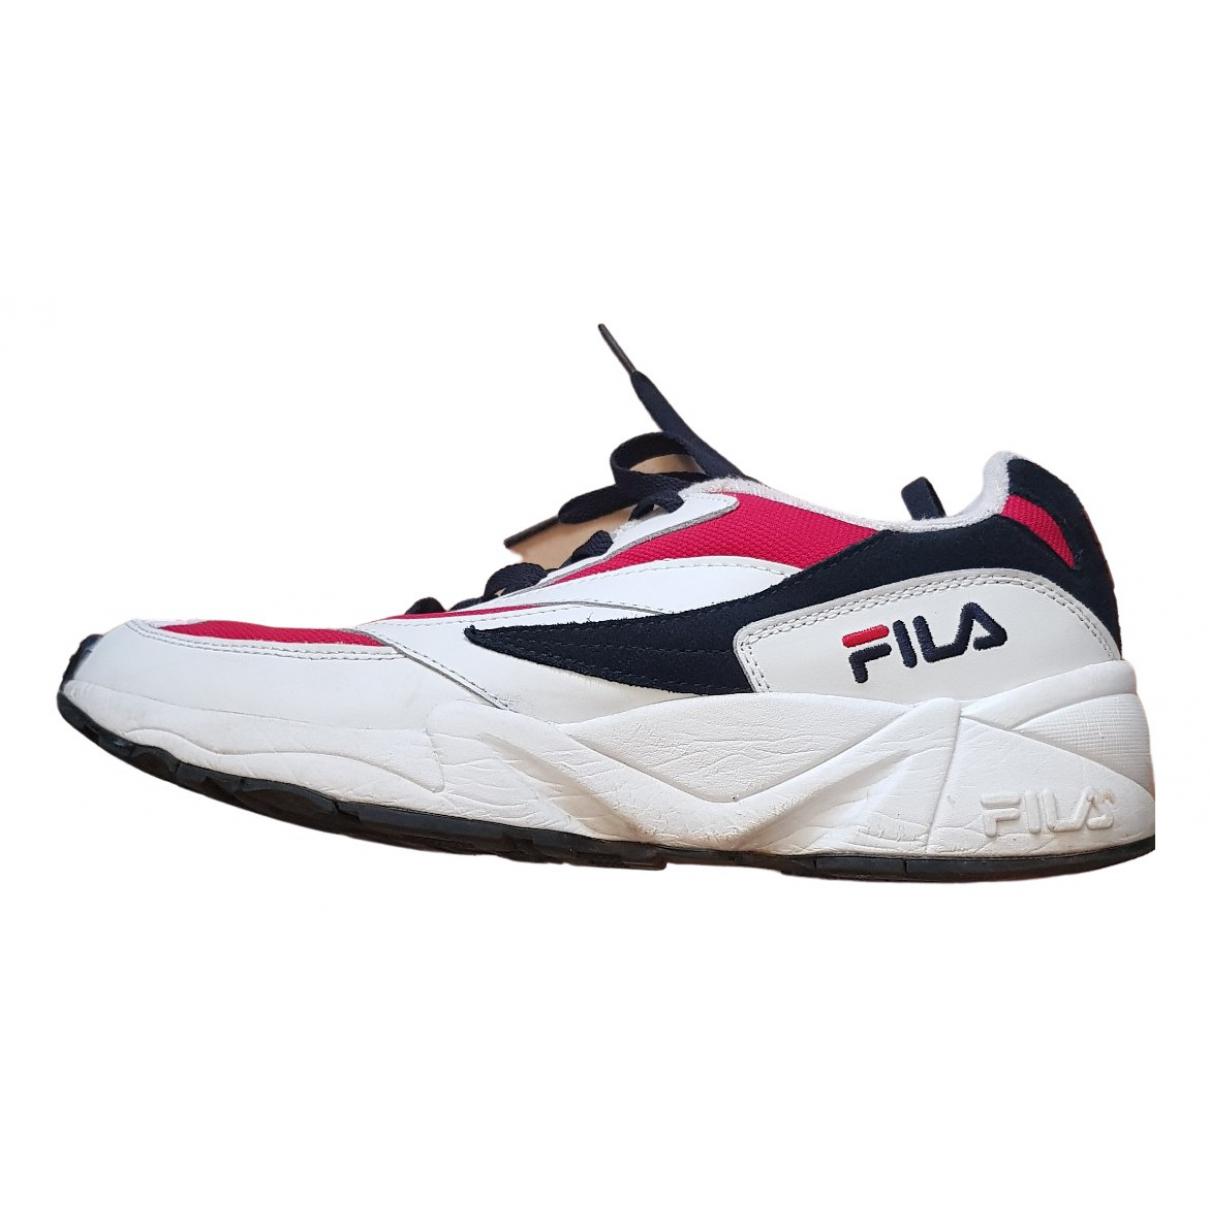 Fila - Baskets   pour homme en toile - multicolore